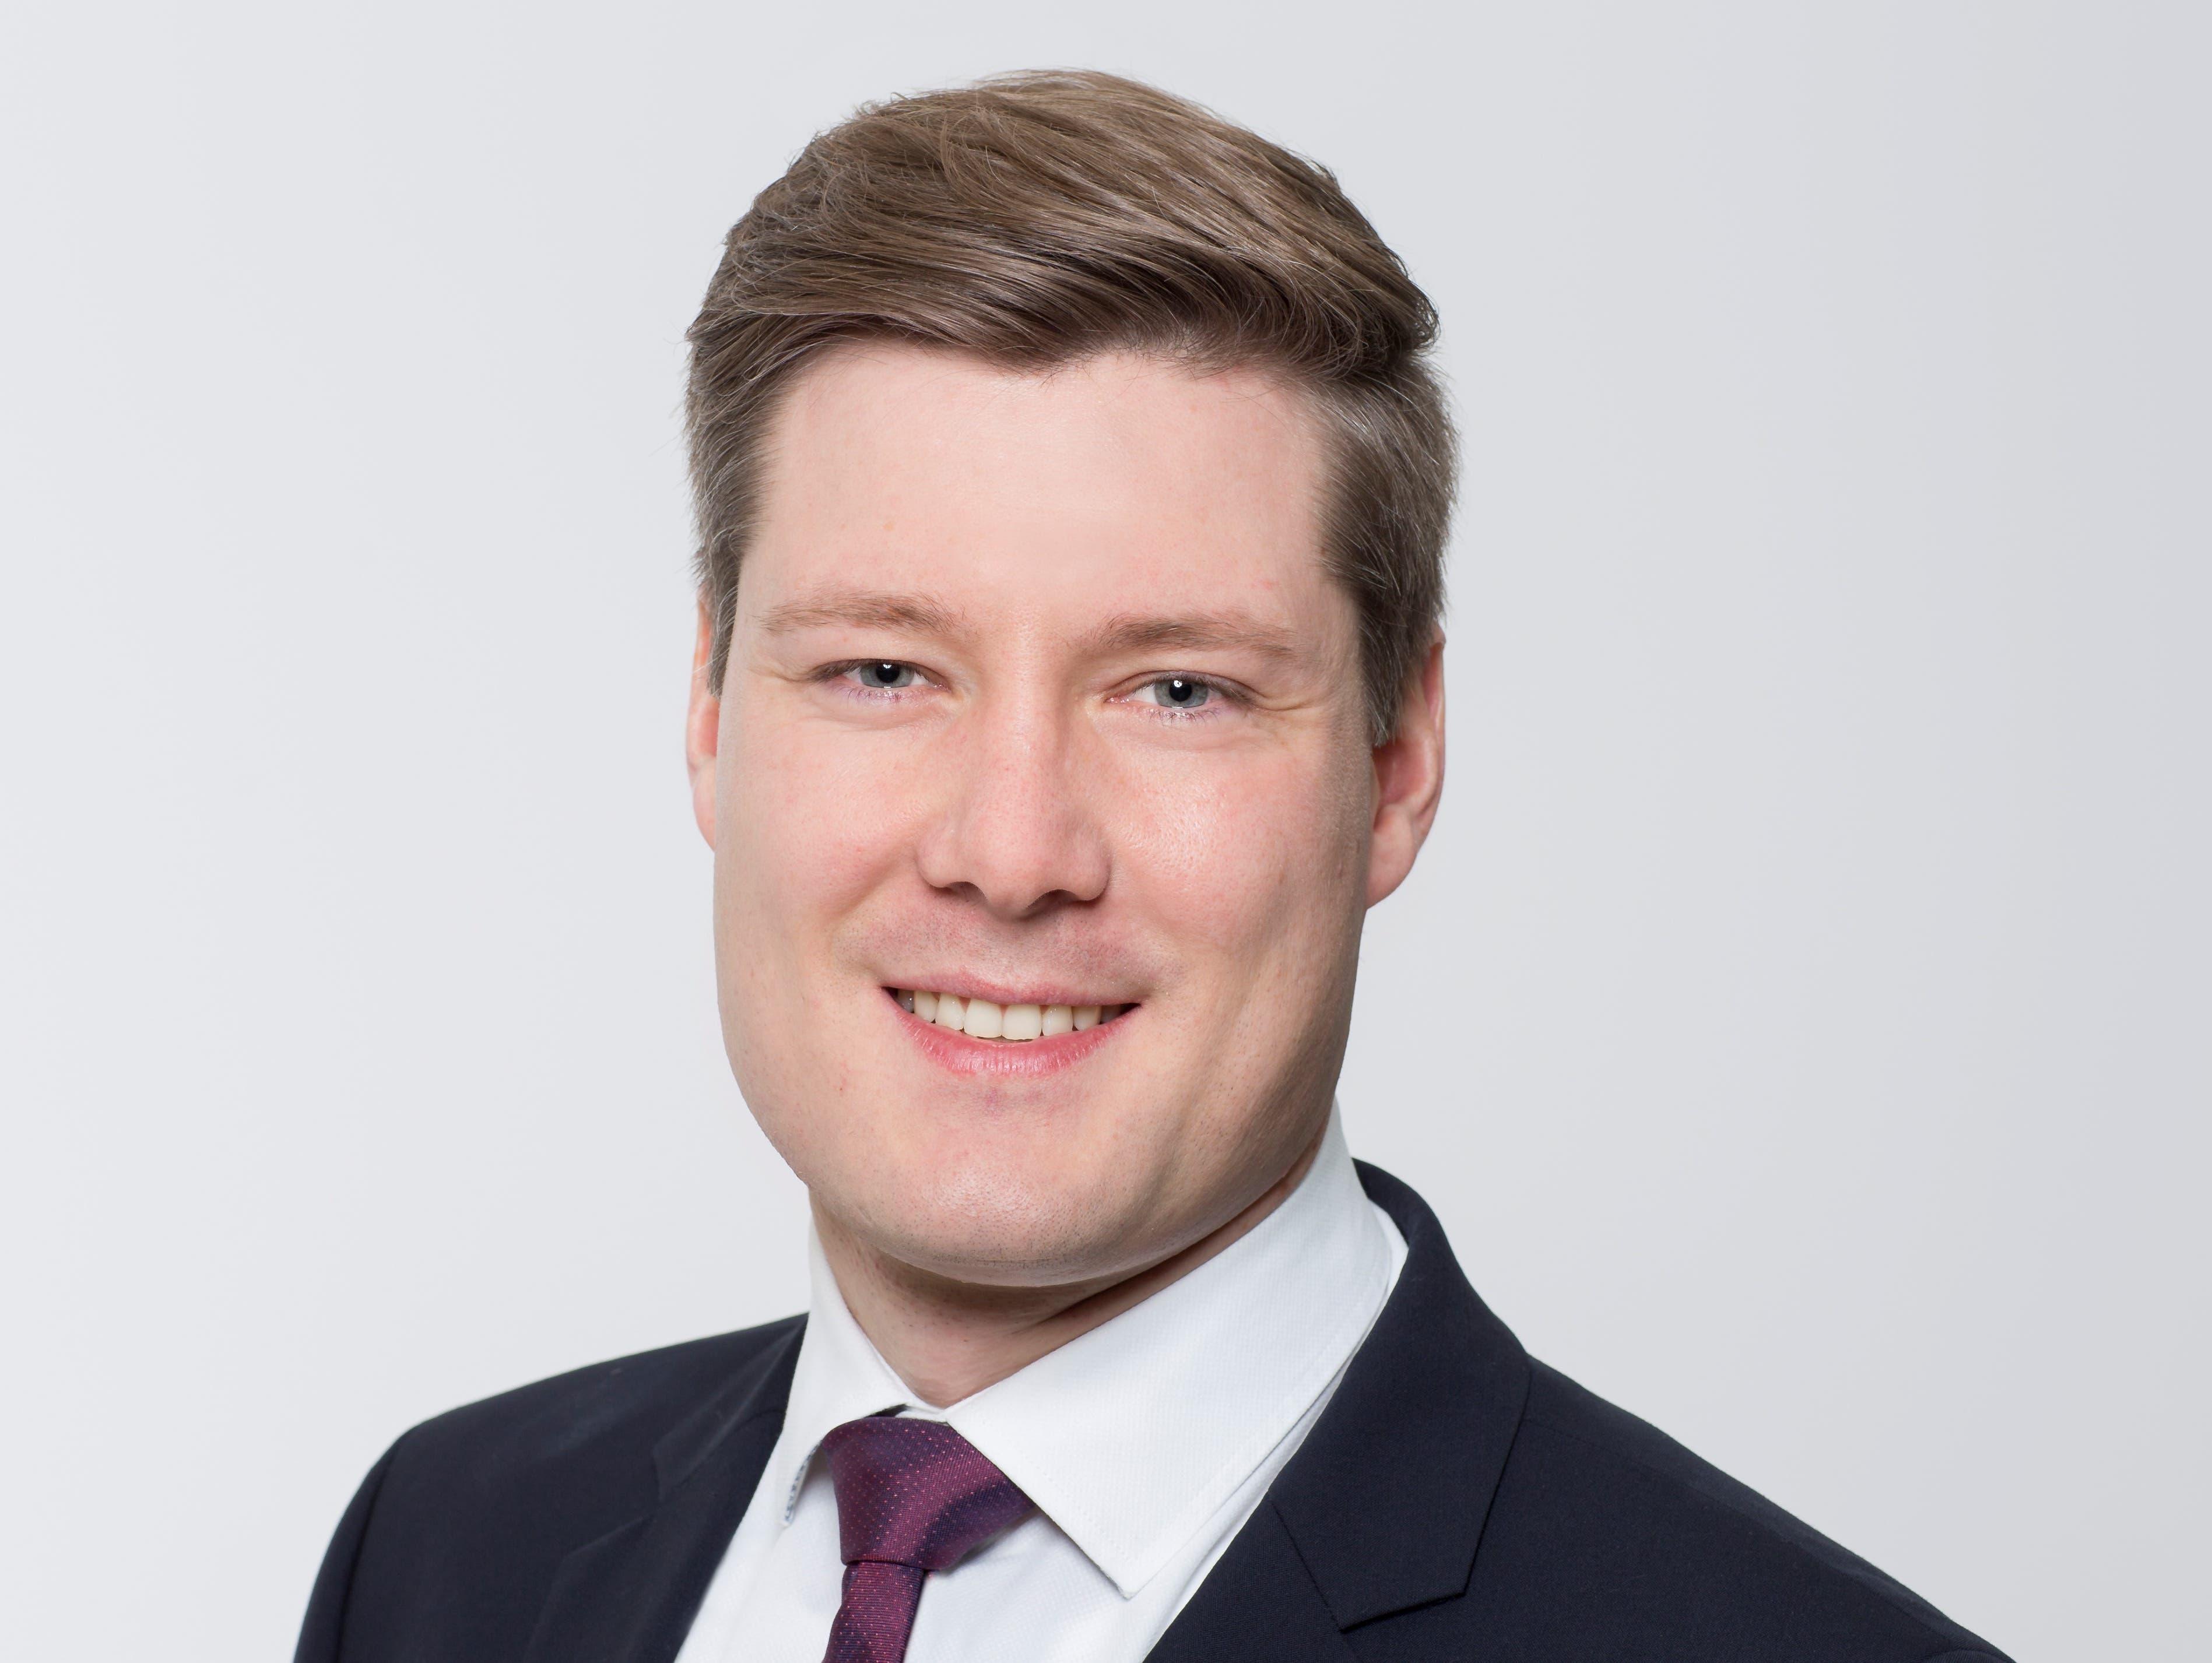 Nicht gewählt mit 379 Stimmen: Andreas Böhm, parteilos